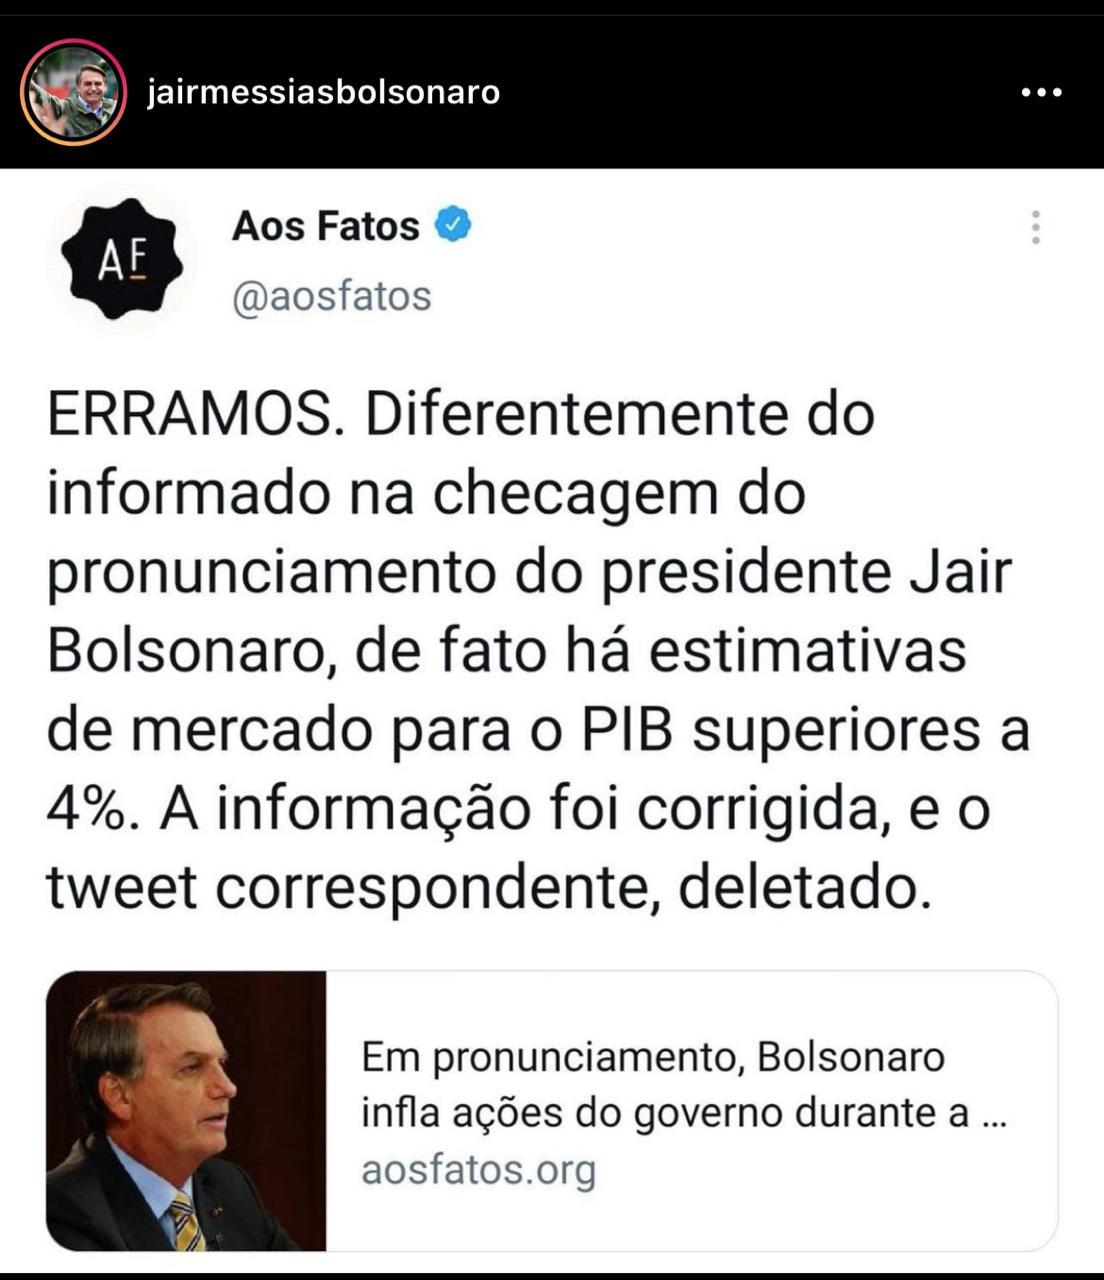 Após denúncia do Terra Brasil Noticias, agência de checagem reconhece erro sobre fala de Bolsonaro e se retrata